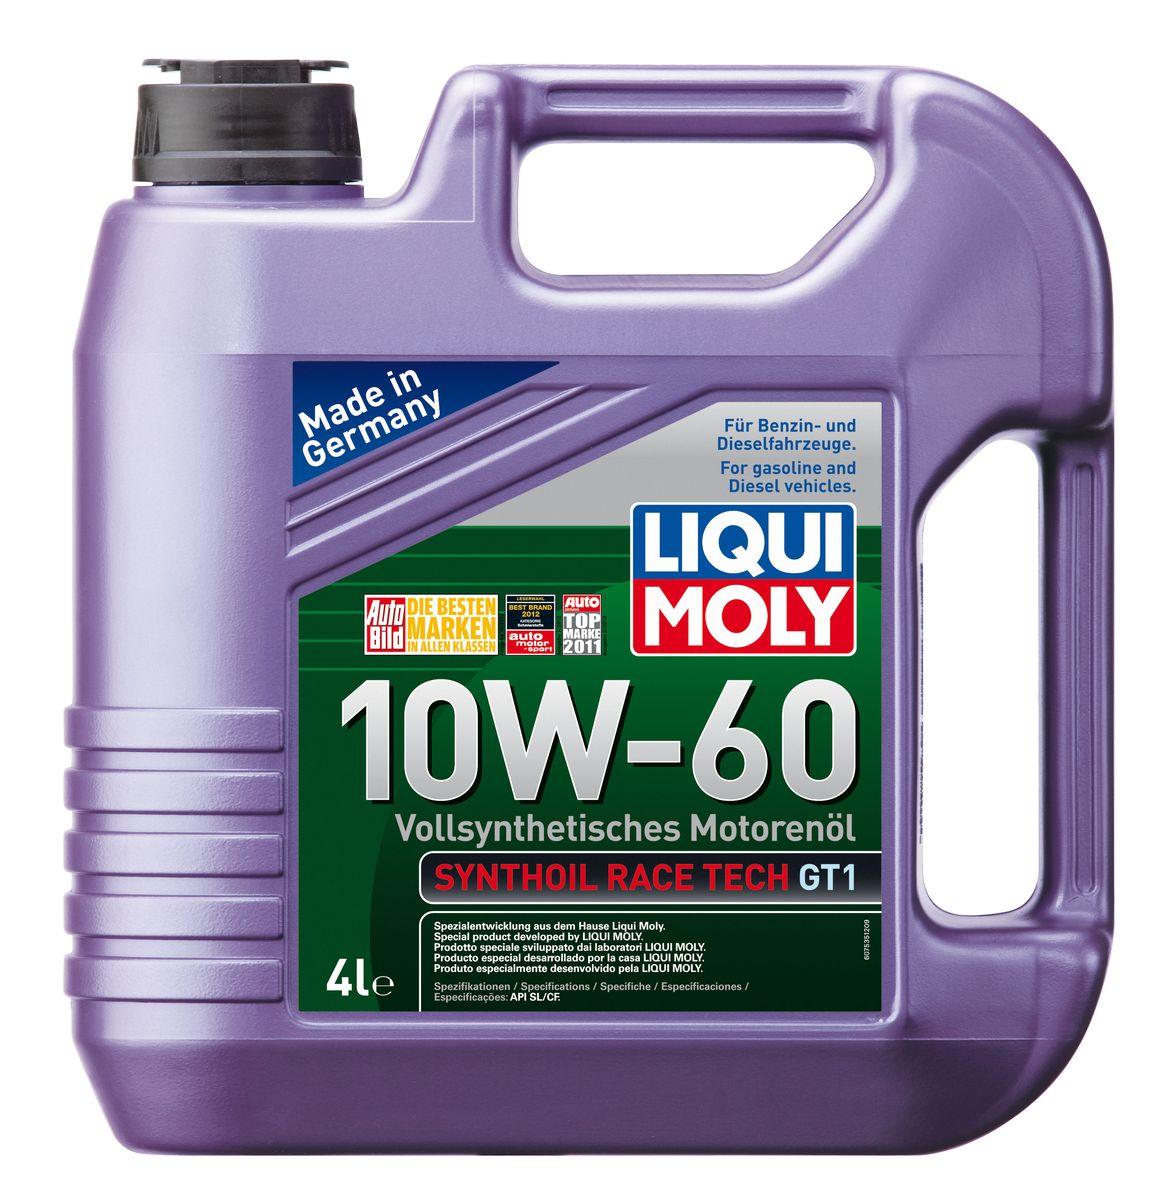 Масло моторное Liqui Moly Synthoil Race Tech GT1, синтетическое, 10W-60, 4 л7535Масло моторное Liqui Moly Synthoil Race Tech GT1 - 100% синтетическое моторное масло на базе полиальфаолефинов (ПАО) для спортивных автомобилей со специально подготовленными моторами. Свойства ПАО-синтетики и высокая вязкость позволяют обеспечить необходимую смазку и защиту деталей двигателя в условиях экстремальных нагрузок на двигатель, характерных для спорта. Использование новейших, полностью синтетических компонентов базового масла и специальных технологий в области создания присадок формирует на поверхностях деталей прочнейшую смазочную пленку, которая гарантирует непревзойденную защиту всех деталей двигателя, в том числе от пиковых перегрузок и разрушительного воздействия высоких температур. Особенности: - Высочайшая стабильность к экстремально высоким рабочим температурам - Чрезвычайно малые потери масла на испарение - Надежное поступление масла ко всем деталям двигателя даже в экстремальных условиях автогонок - Высочайшие защитные...